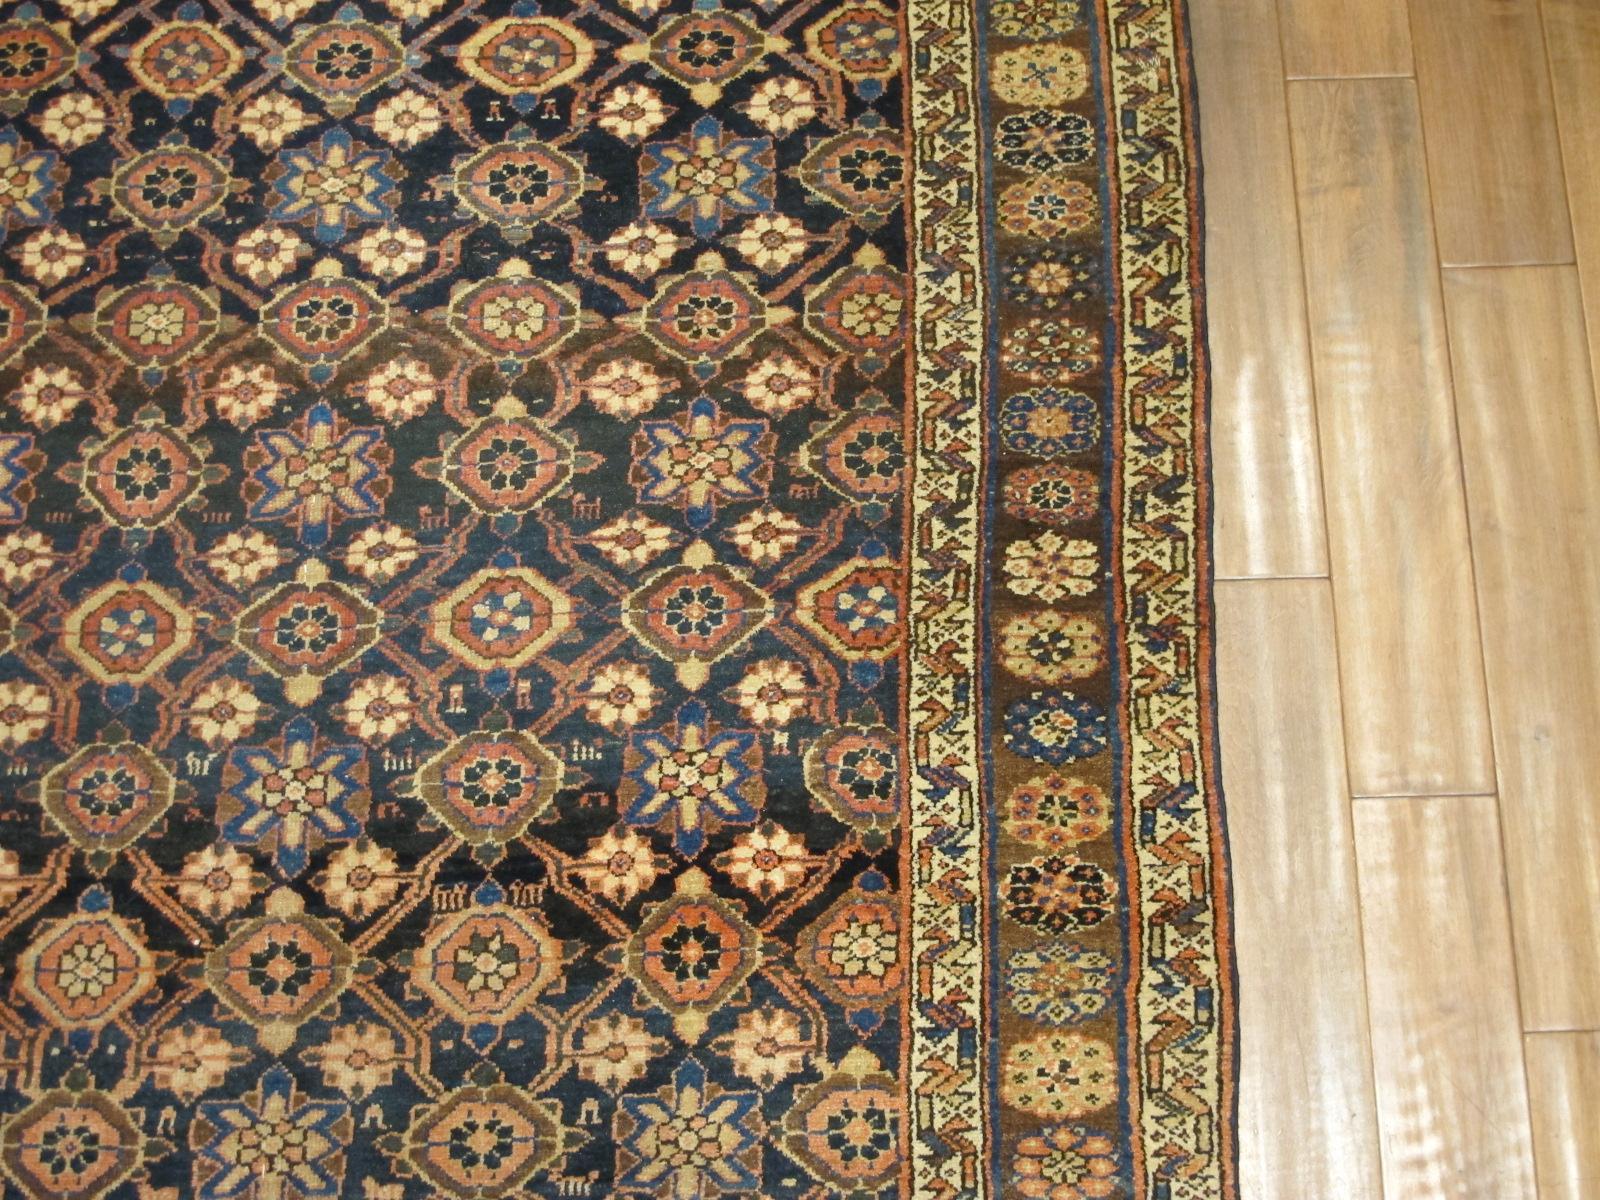 22148 Antique Persian Veramin gallery rug 5,5 x 11,2 (4)